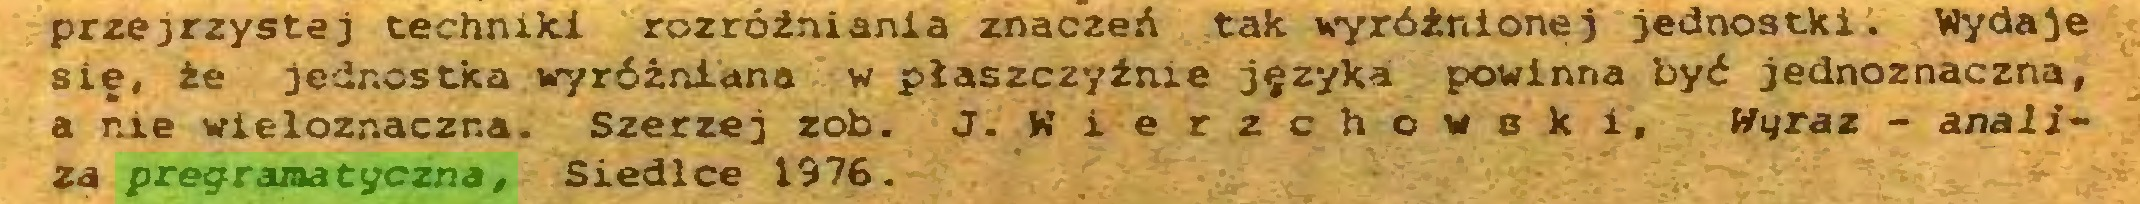 (...) przejrzystej techniki rozróżniania znaczeń tak wyróżnionej jednostki. Wydaje się, że jednostka wyróżniana w płaszczyźnie języka powinna być jednoznaczna, a nie wieloznaczna. Szerzej rob. J. Wierzchowski, Wyraz - analiza pregramatyczna, Siedlce 1976...